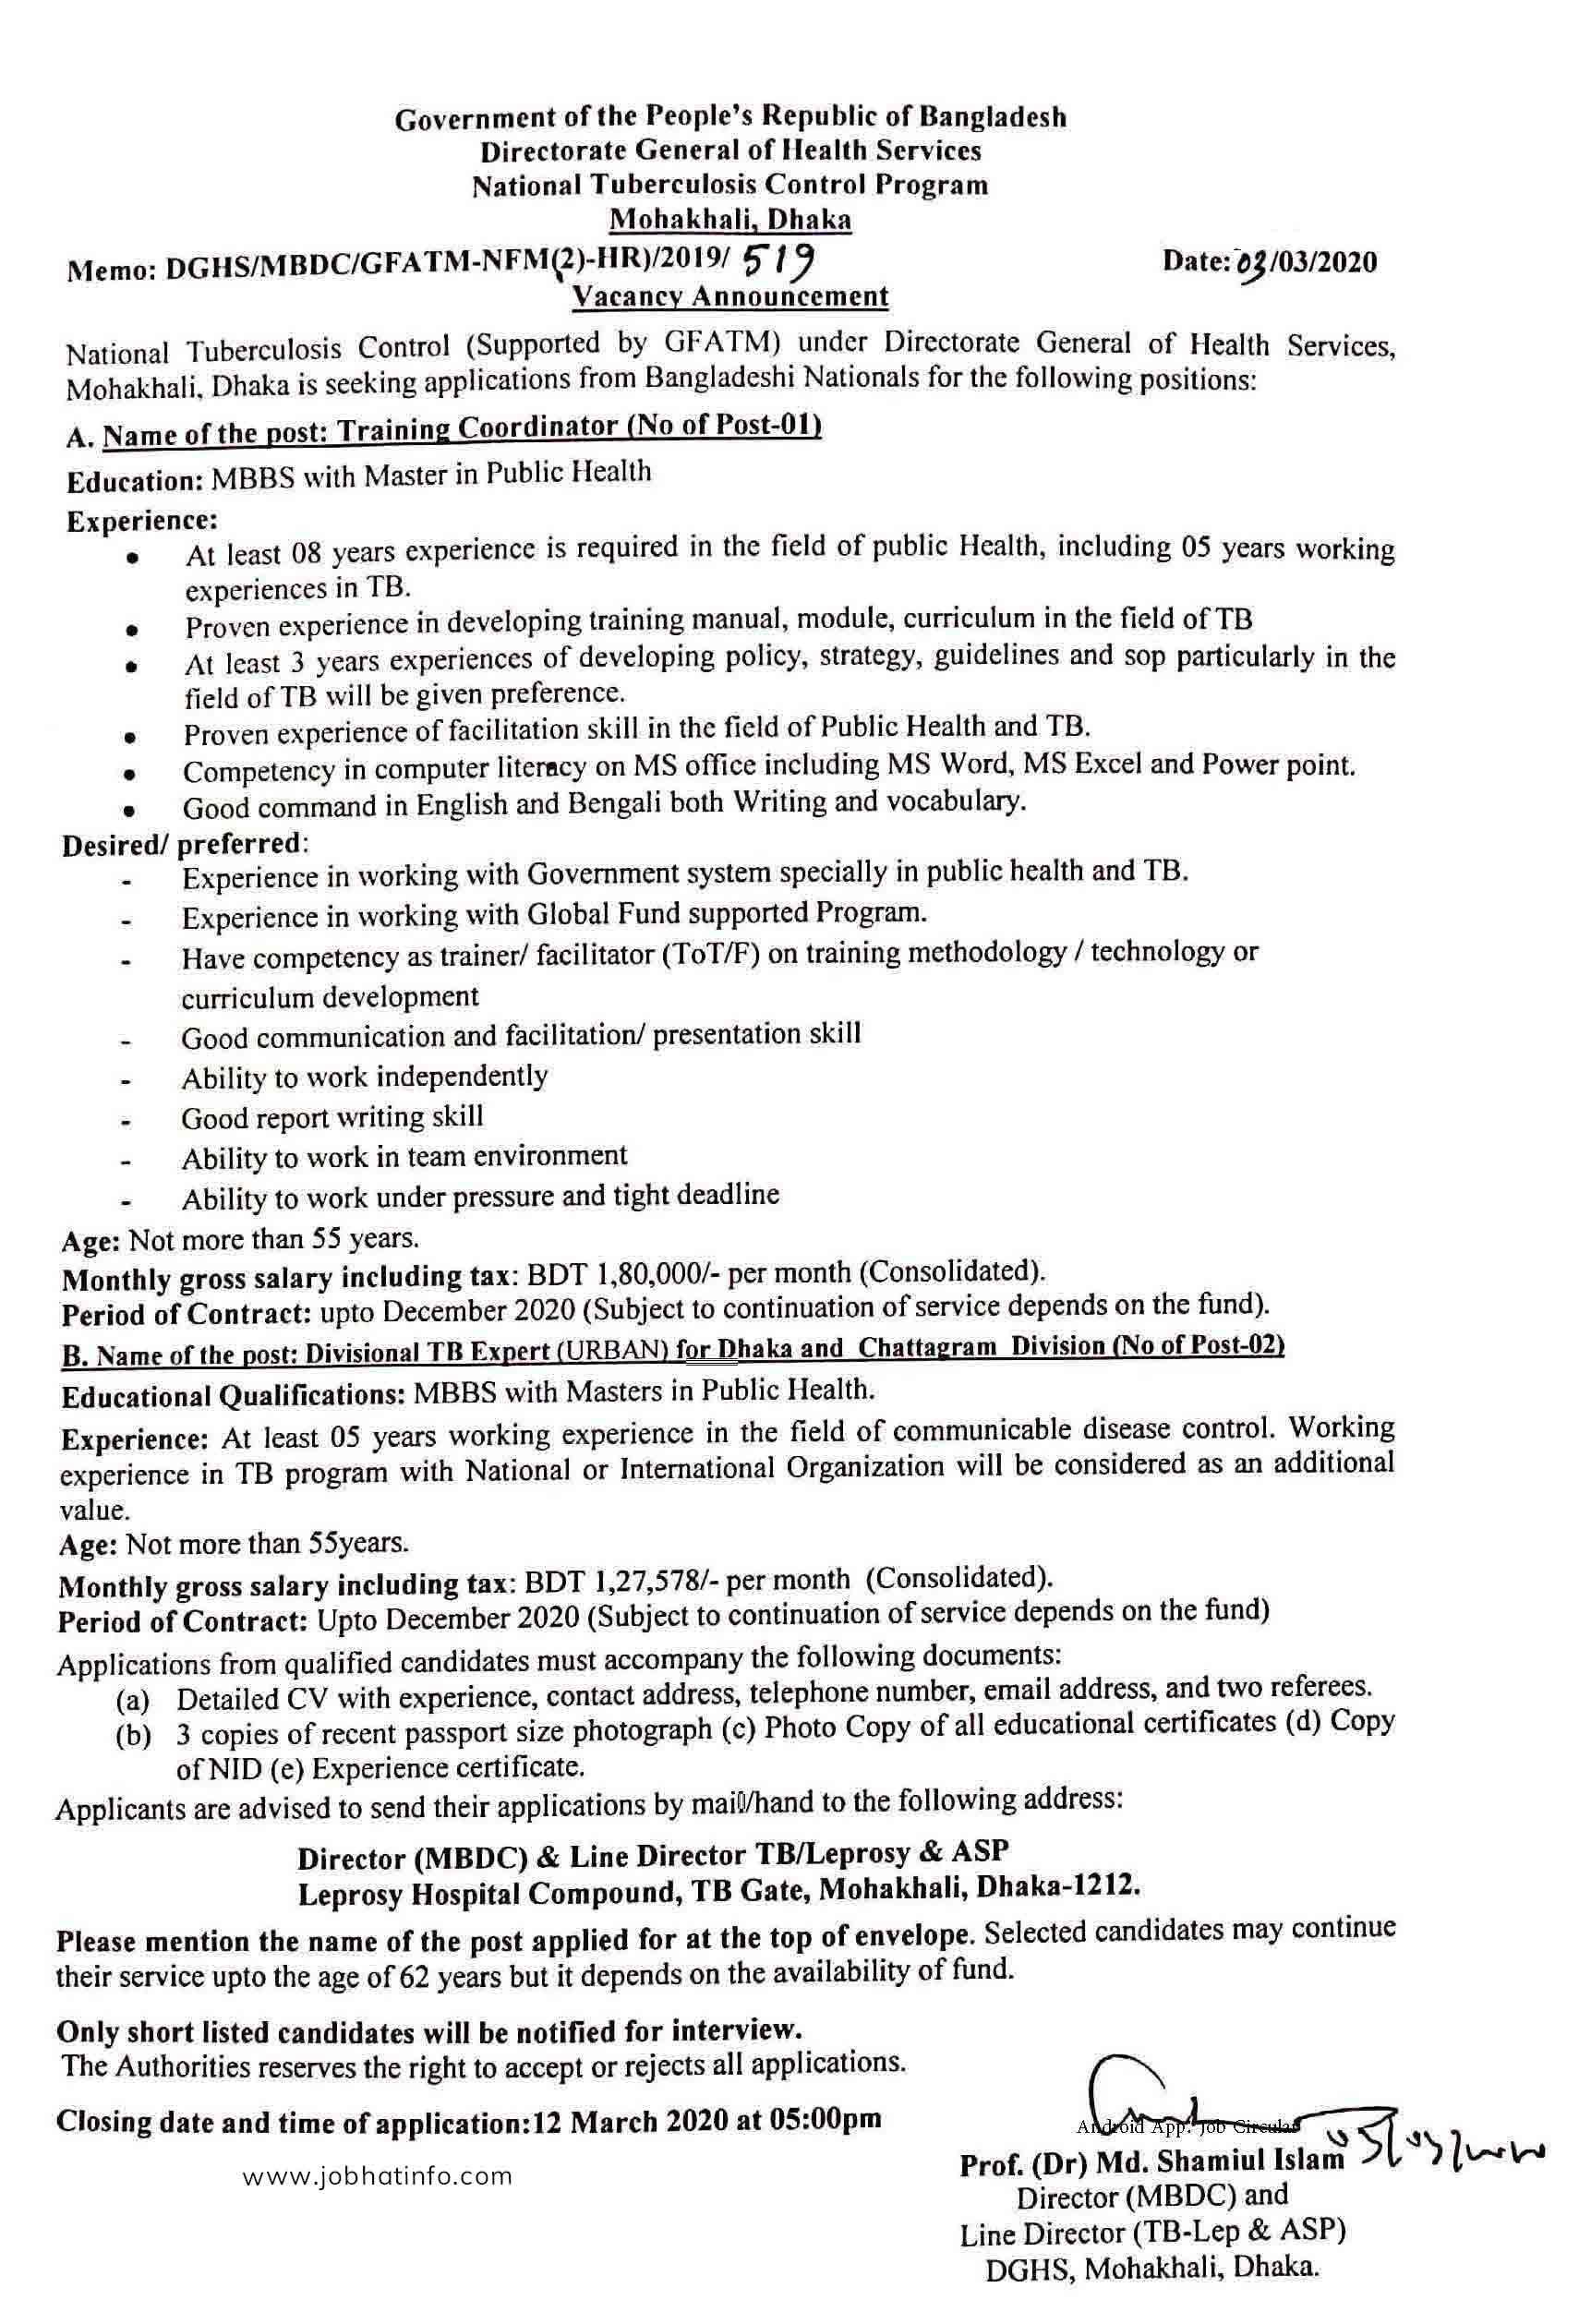 Directorate General of Health Service Job Circular 1